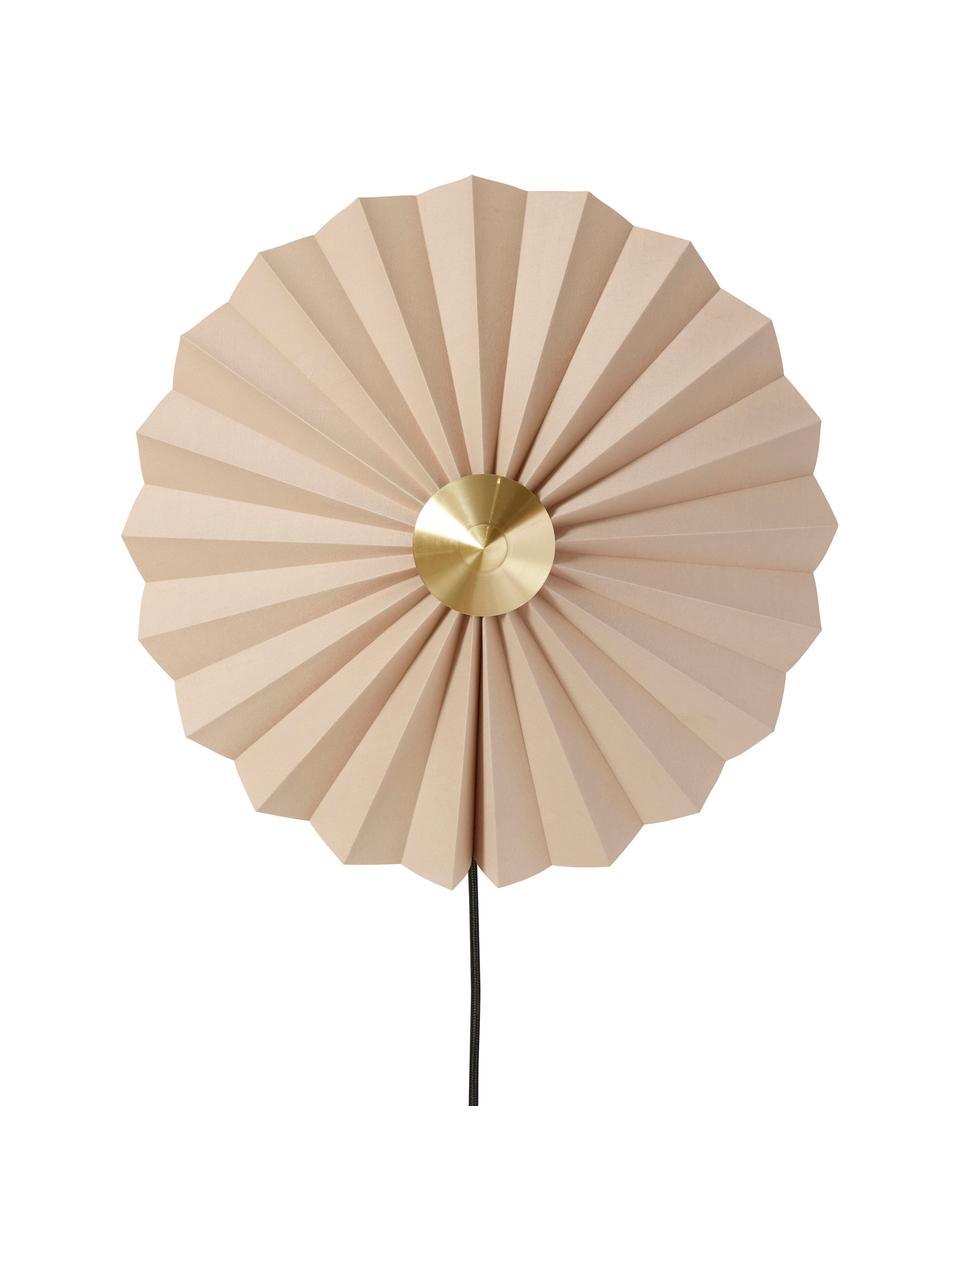 Kinkiet z papieru z wtyczką Tenty, Beżowy, mosiądz, Ø 48 cm